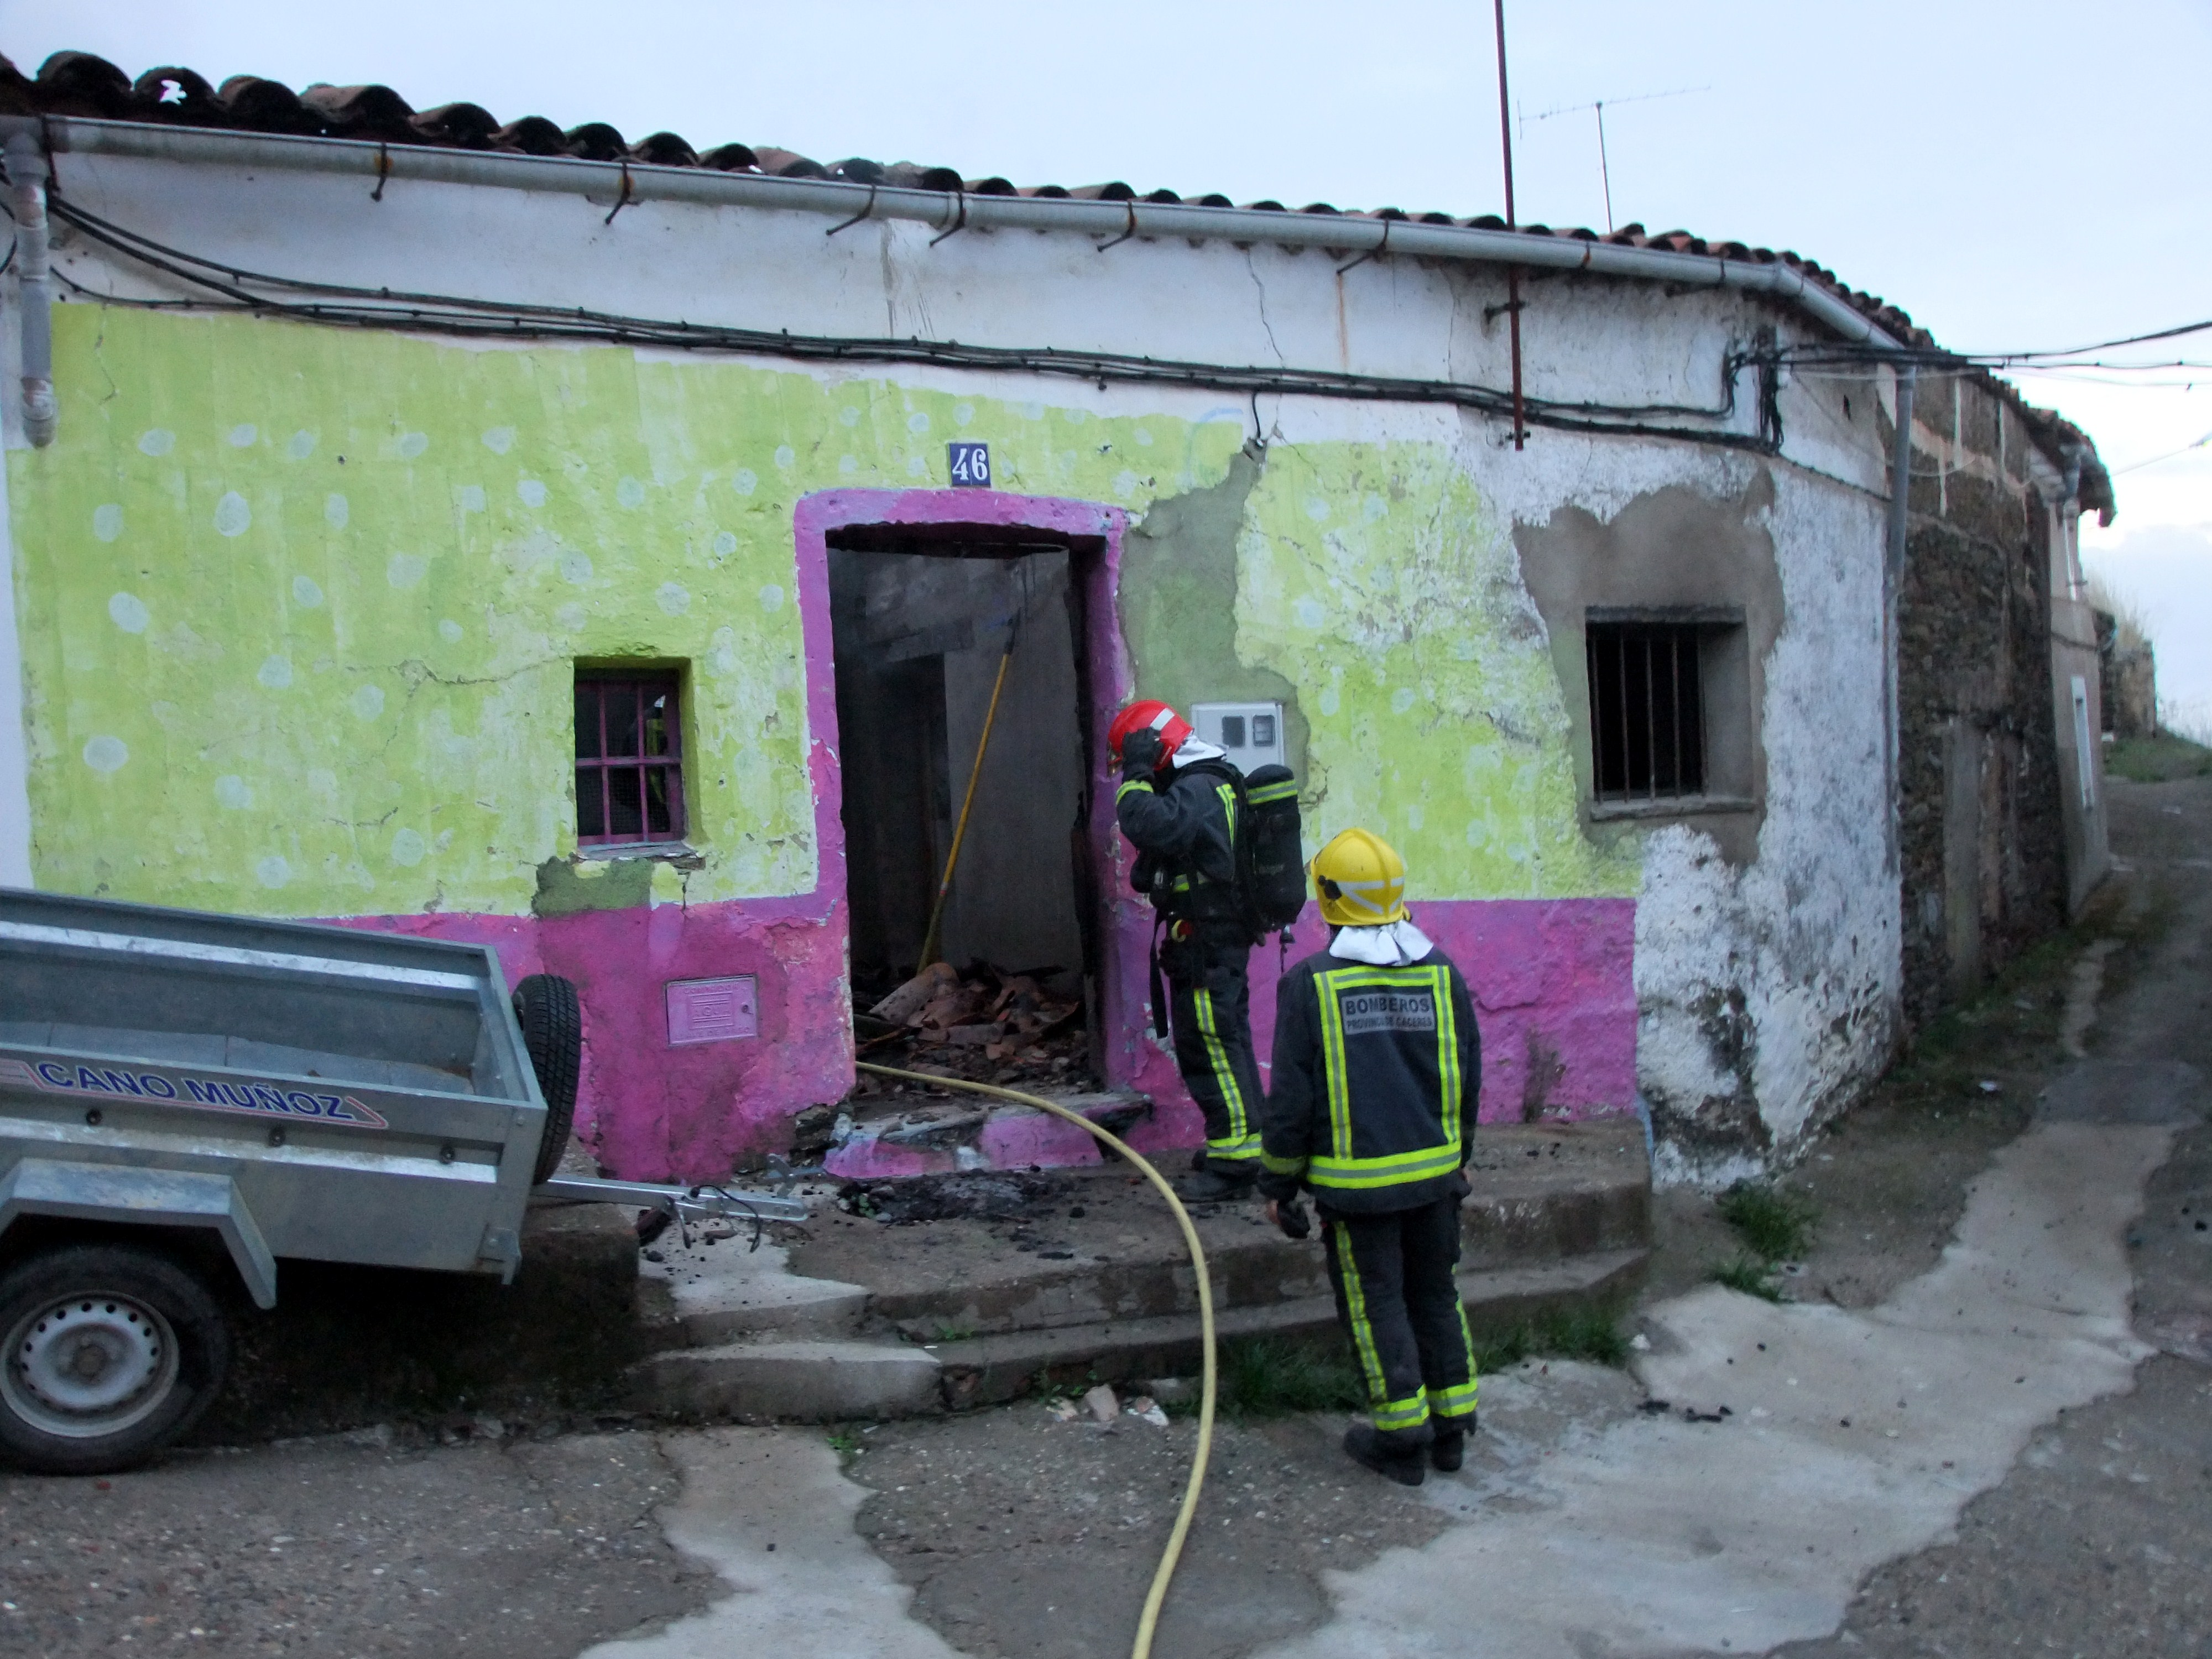 Una vivienda sale ardiendo en Torrejoncillo